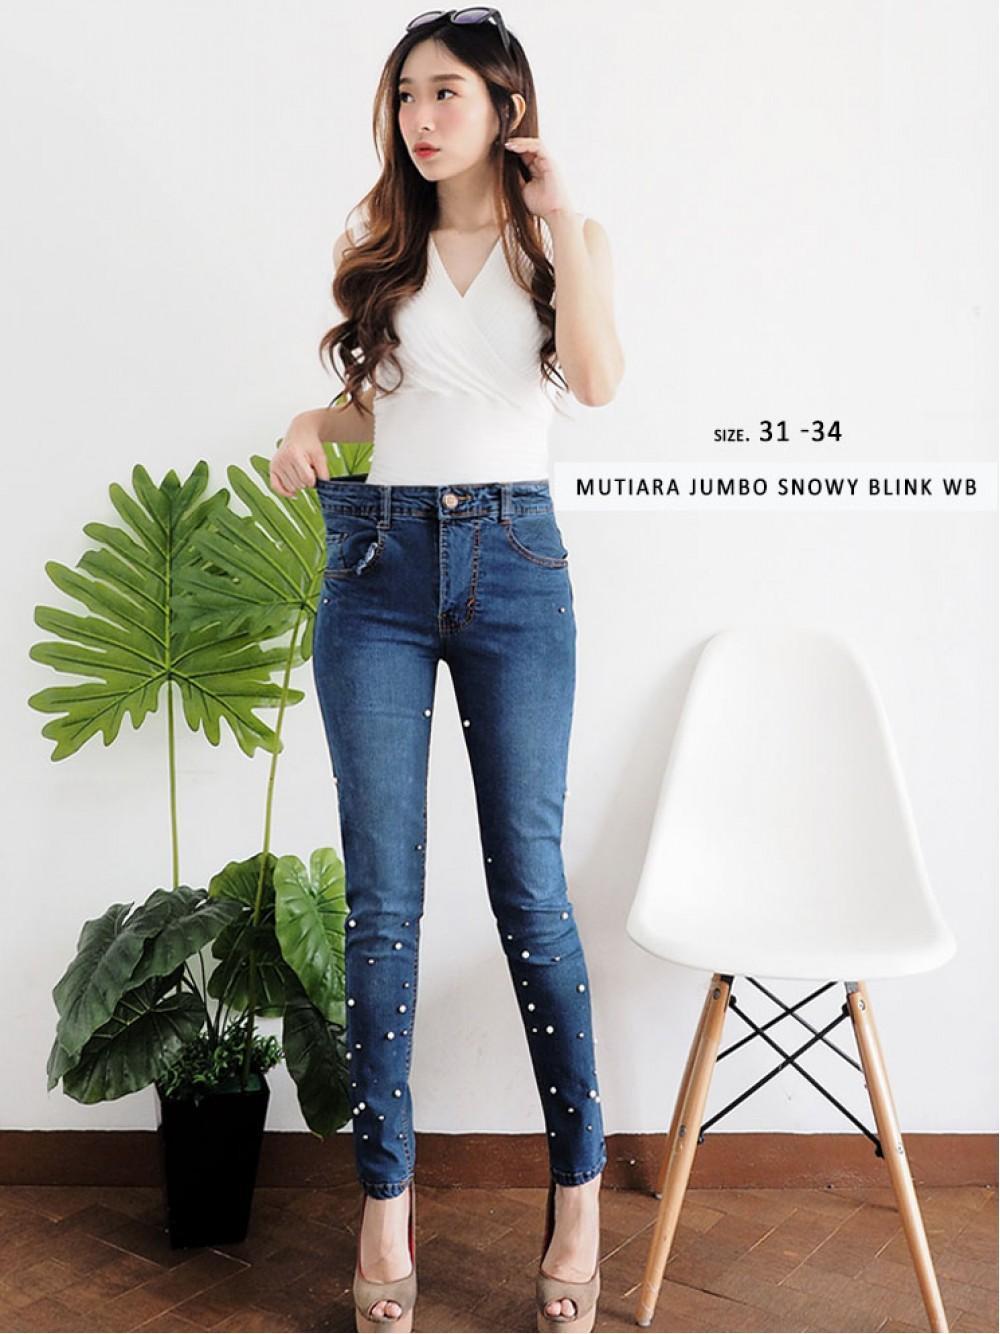 BEST SELLER - Celana Jeans Mutiara - Jeans size jumbo - Bigsize Jeans - Mutiara Snowy